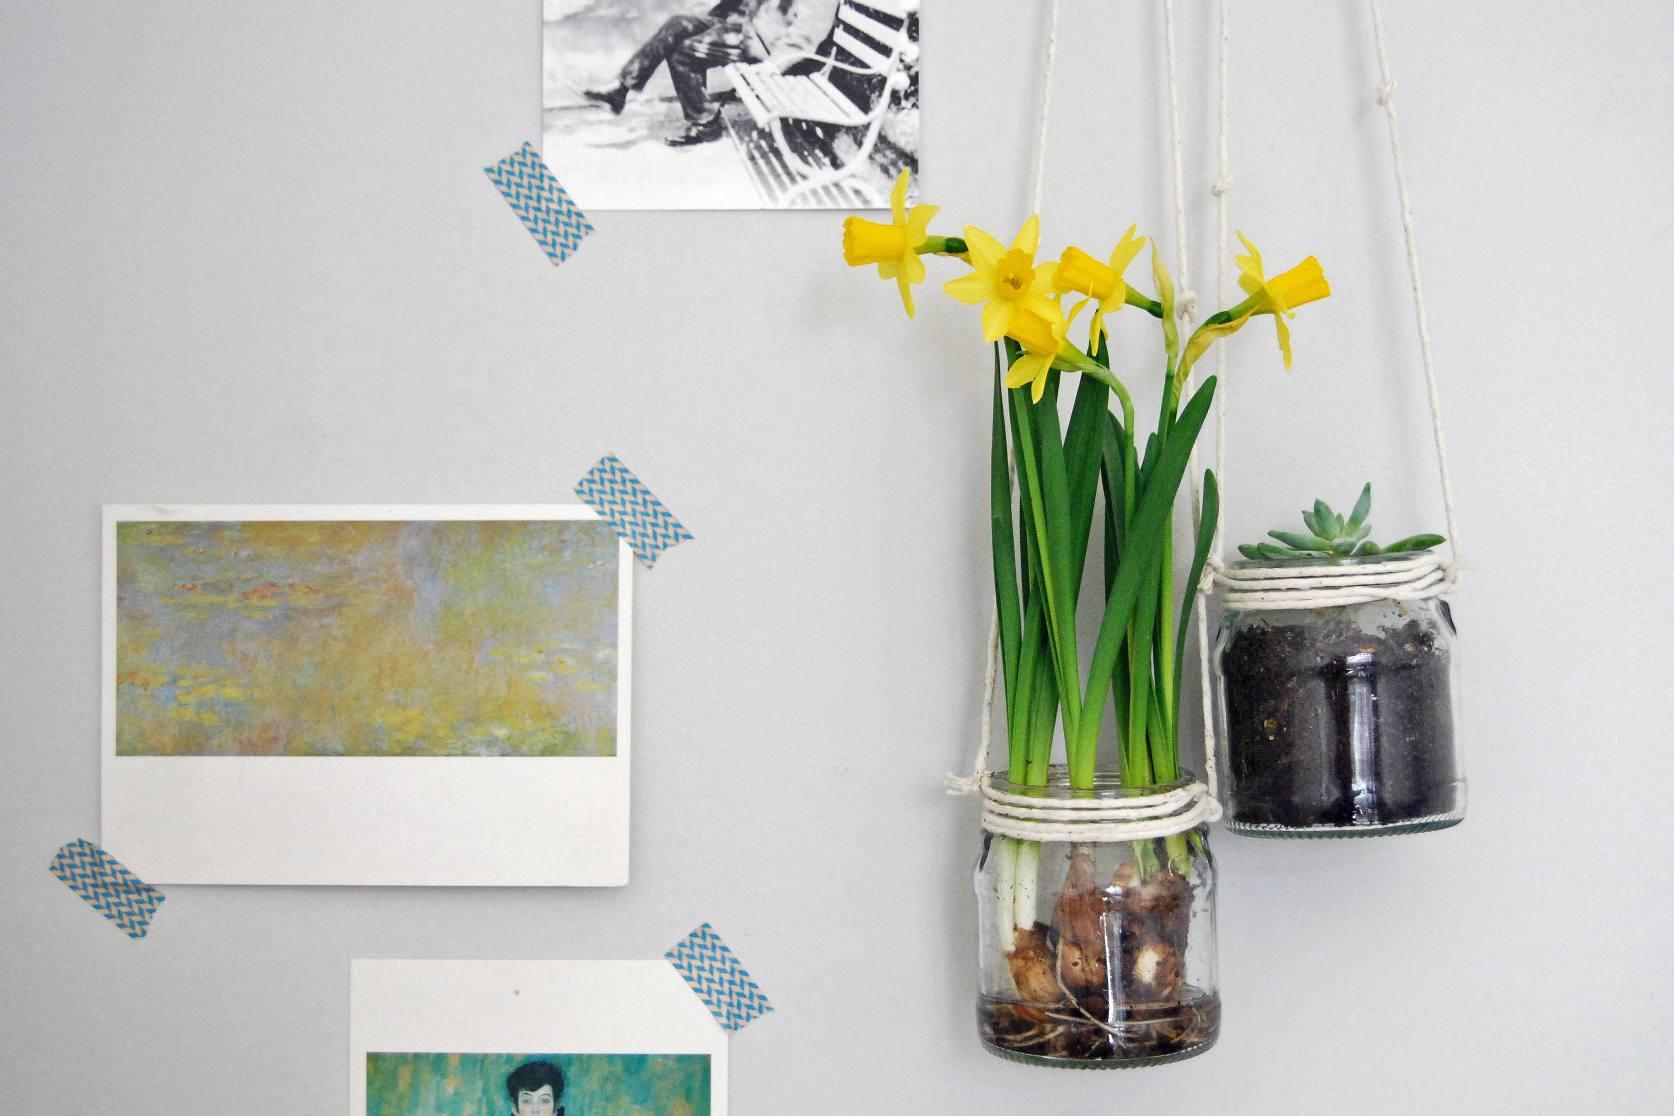 DIY hanging string planter